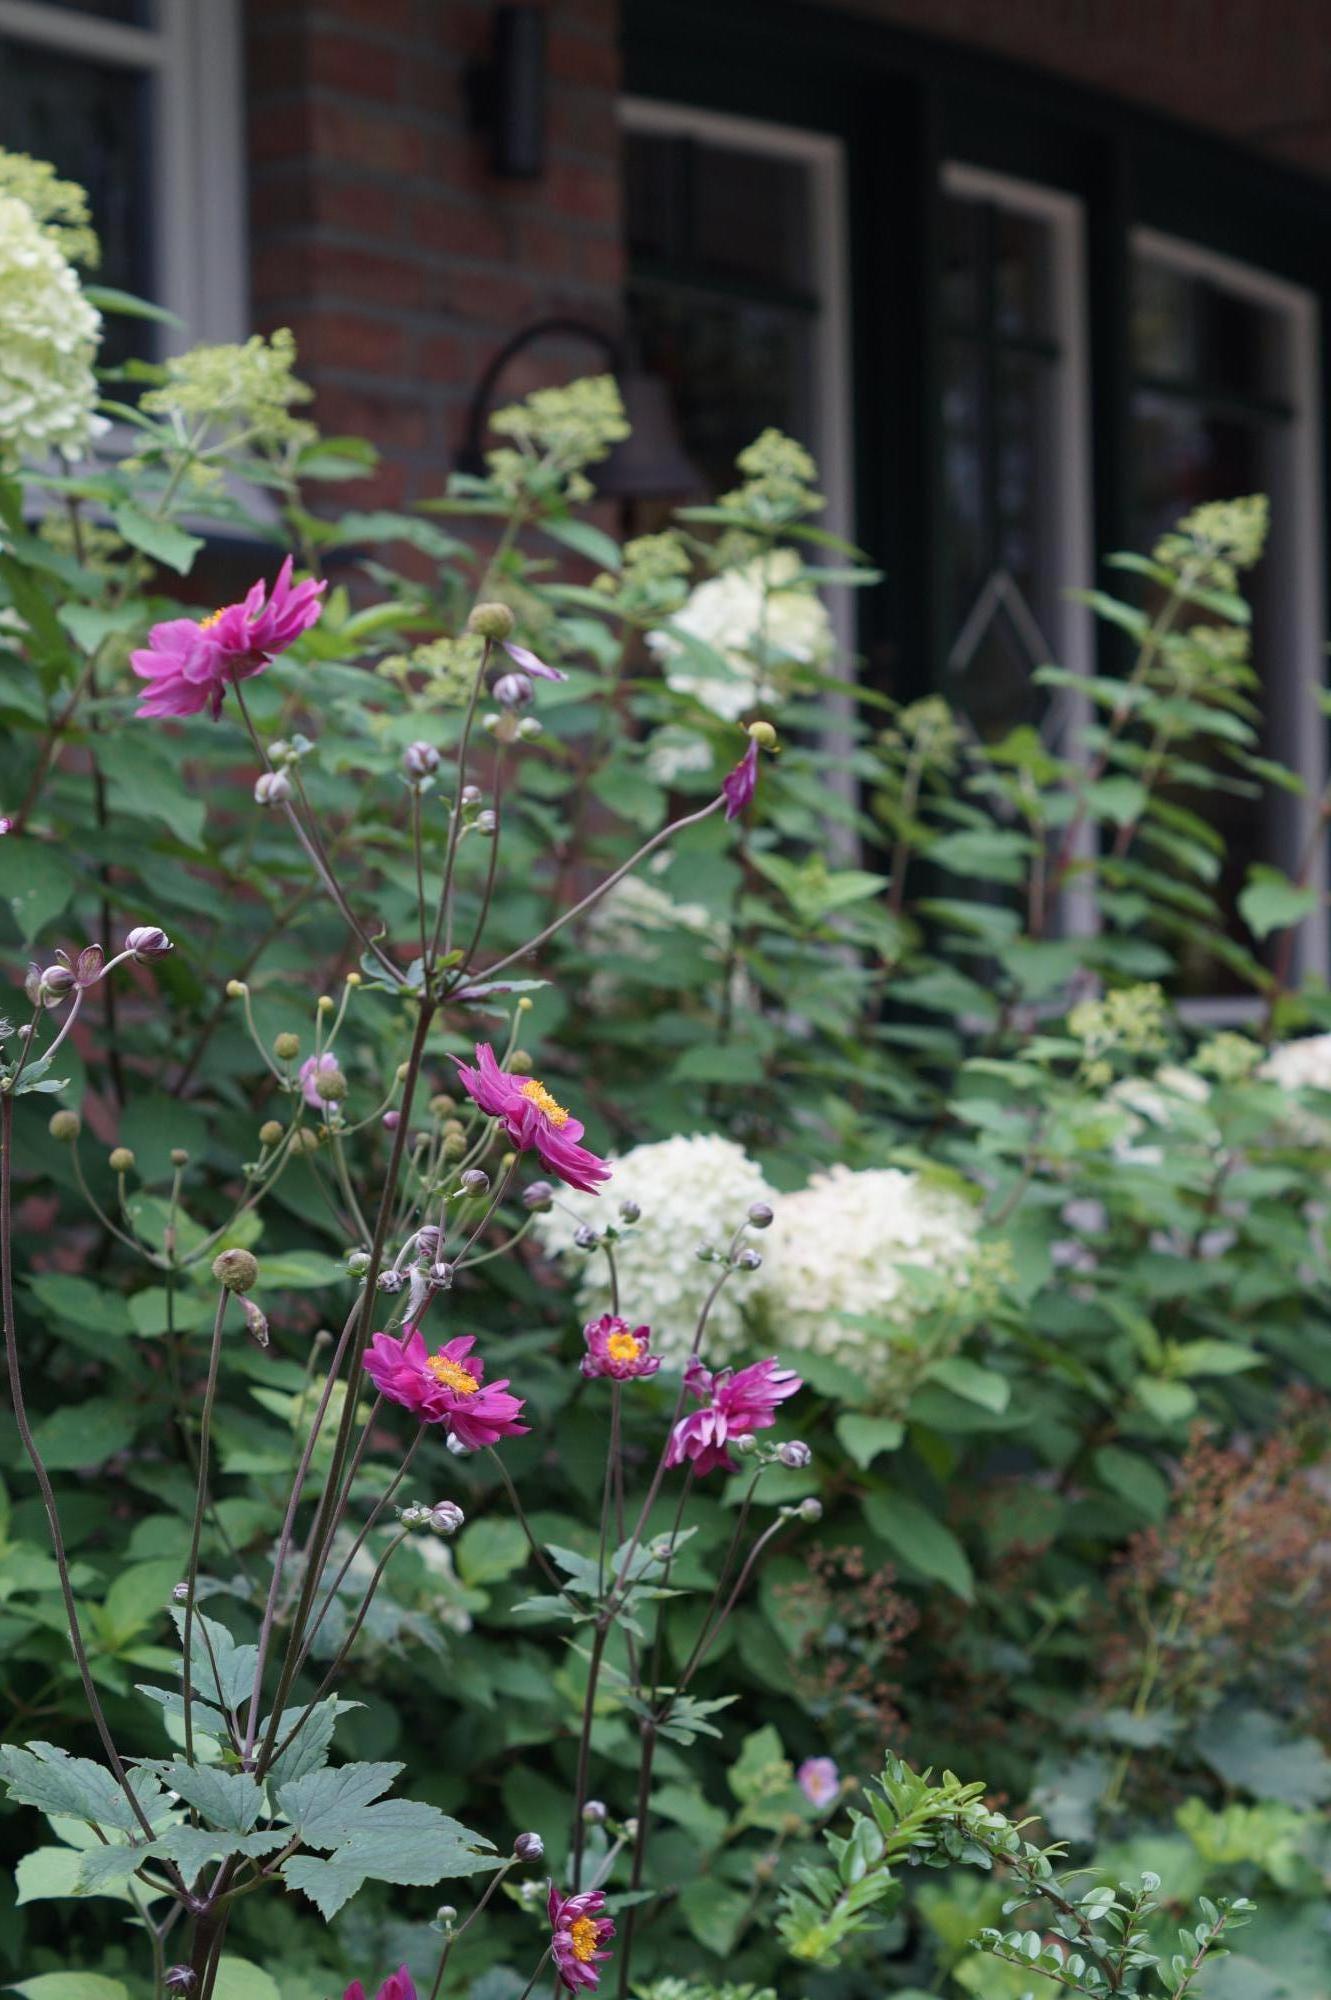 Vorgarten im Landhausstil 2 - PFLANZ-KONZEPT